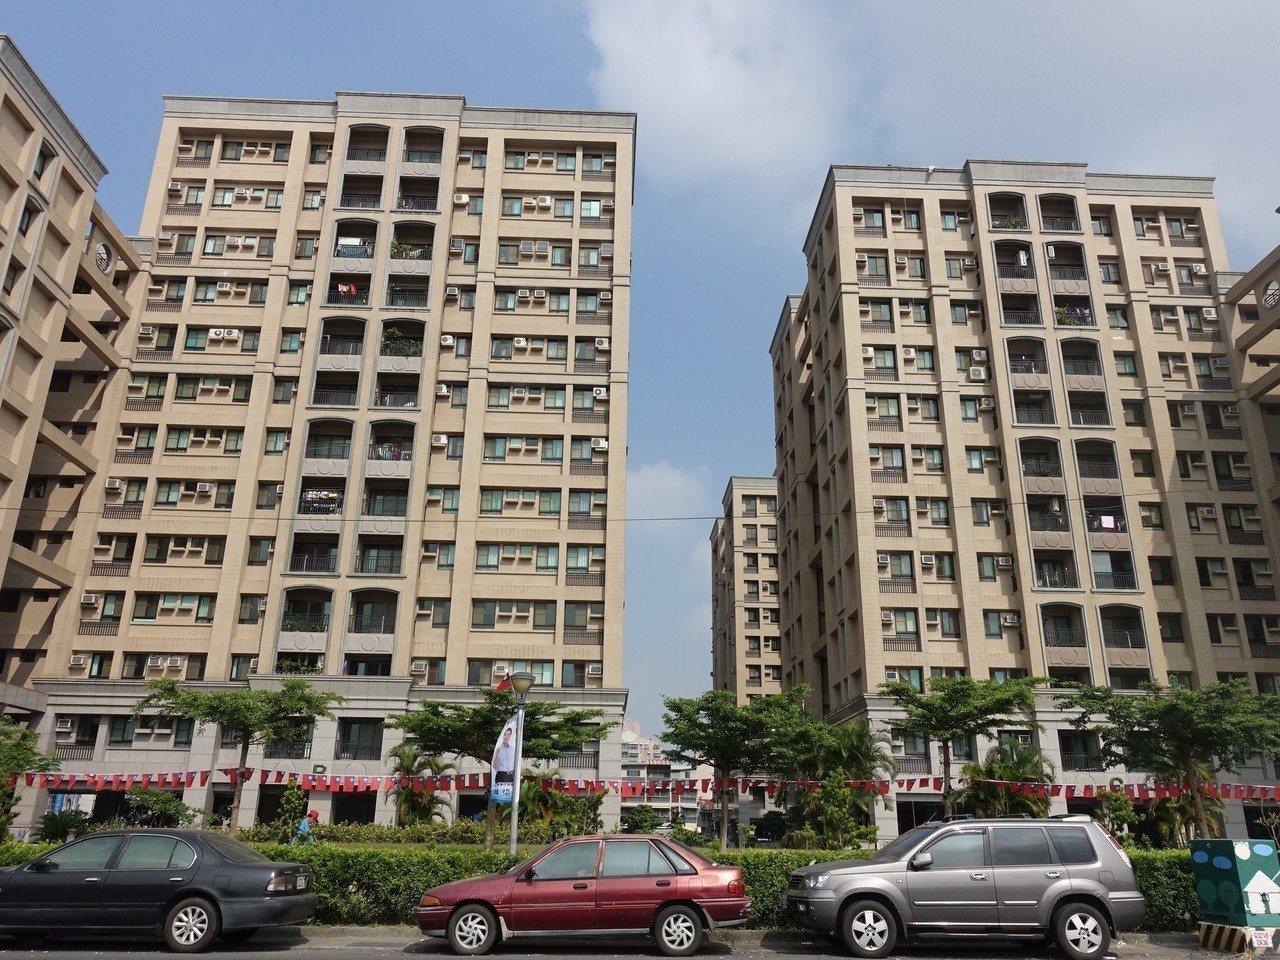 屏東市多處眷村均改建成大樓,「眷村鐵票」早已不再。記者翁禎霞/攝影